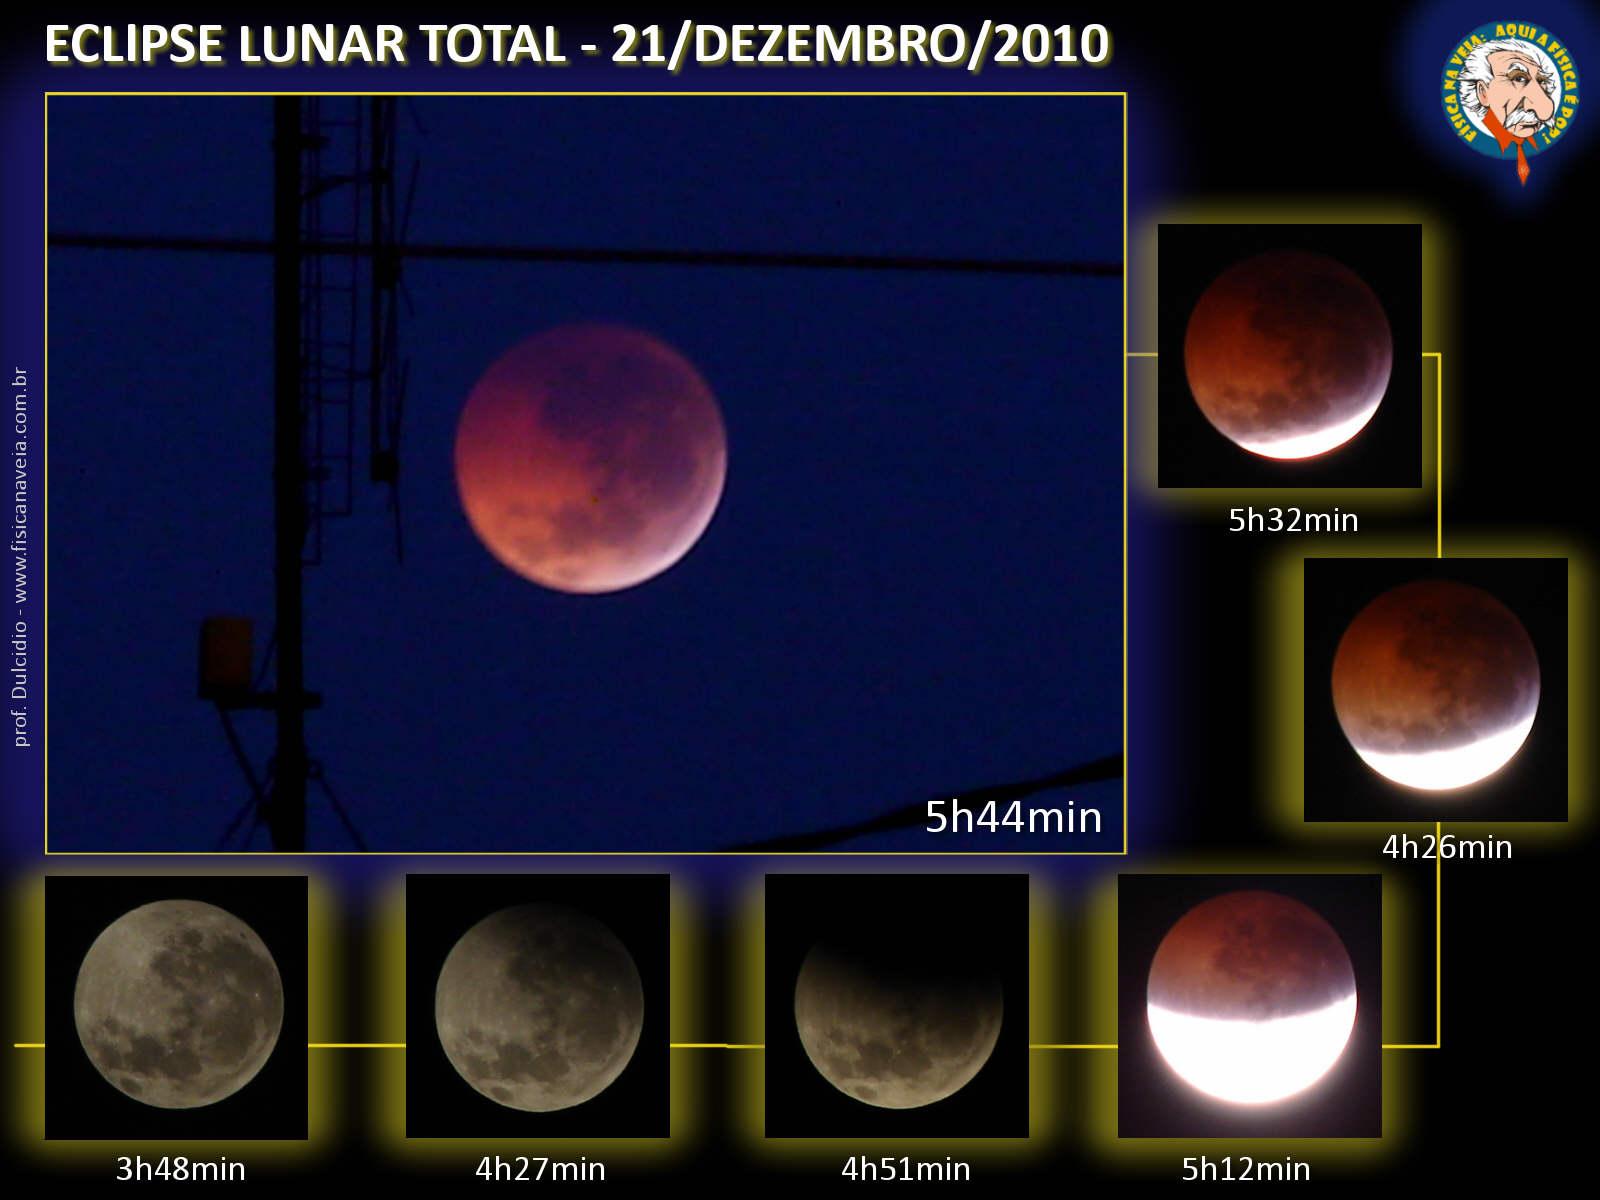 ec_l_21-dez-2010_poster